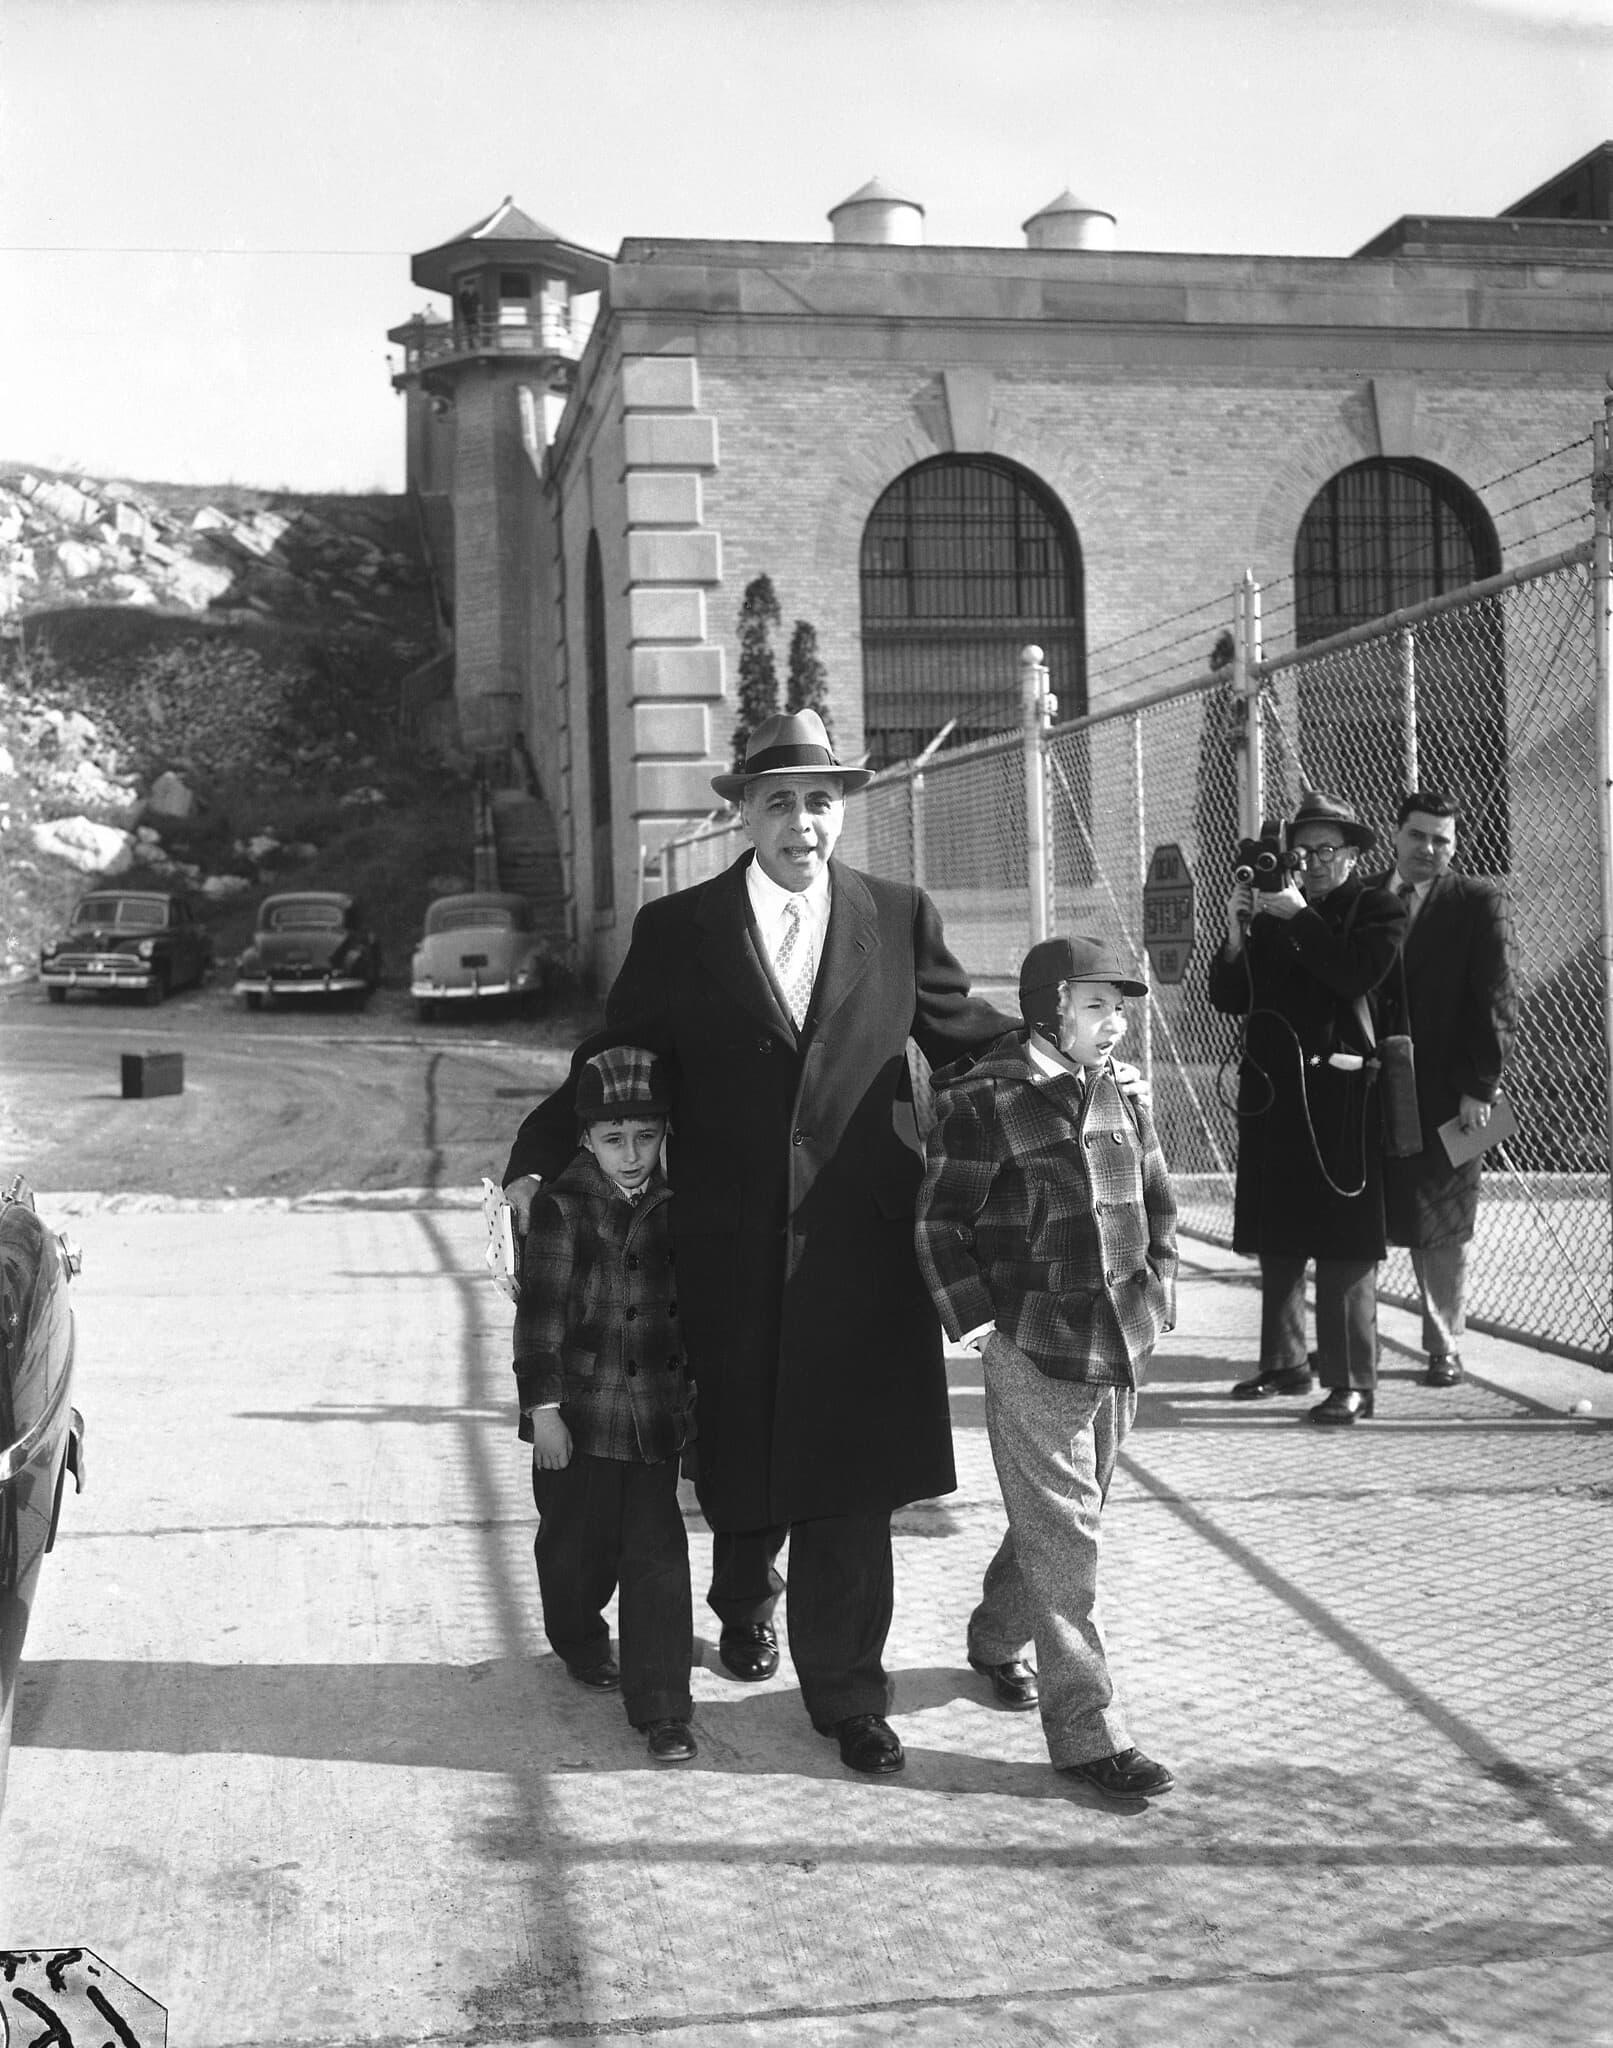 רוברט רוזנברג, בן 5 בתמונה, ואחיו מייקל, 9, מלווים על ידי עורך הדין עמנואל בלוך לבית הכלא סינג סינג בניו יורק ב-14 בפברואר 1953, כדי לבקר את הוריהם, יוליוס ואתל רוזנברג (צילום: John Lindsay, AP)